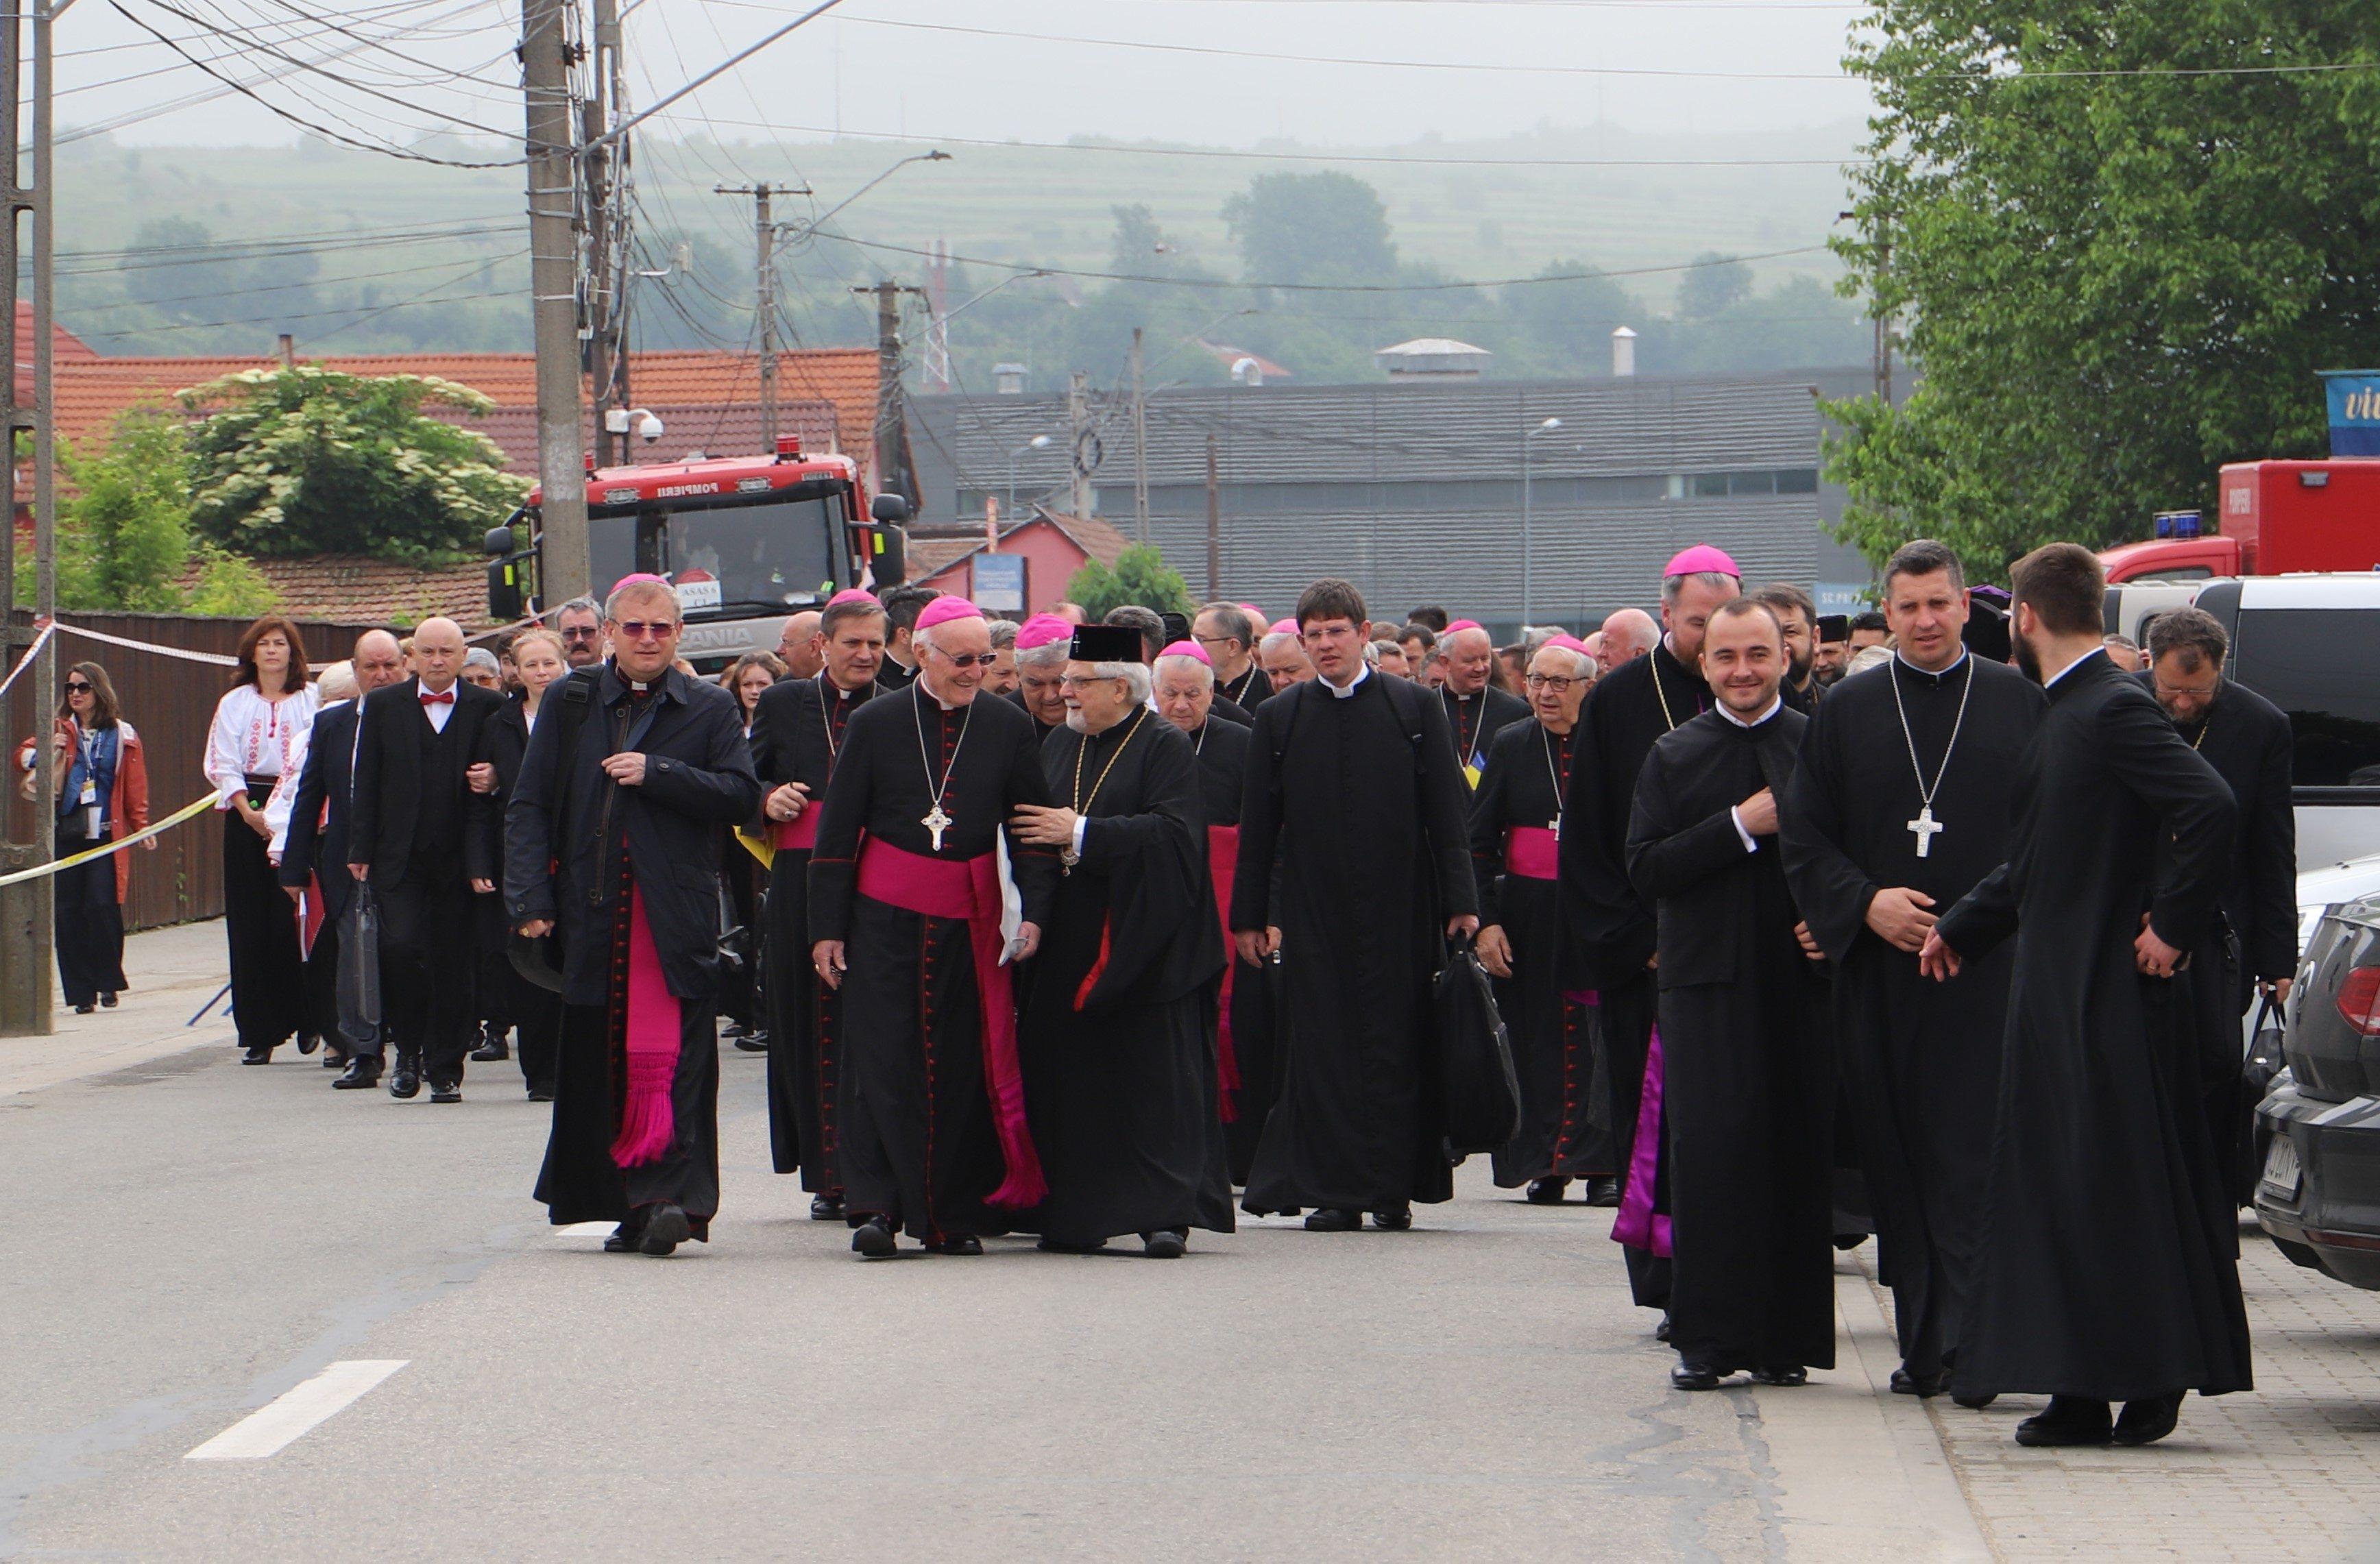 Kardinäle, Bischöfe und Priester